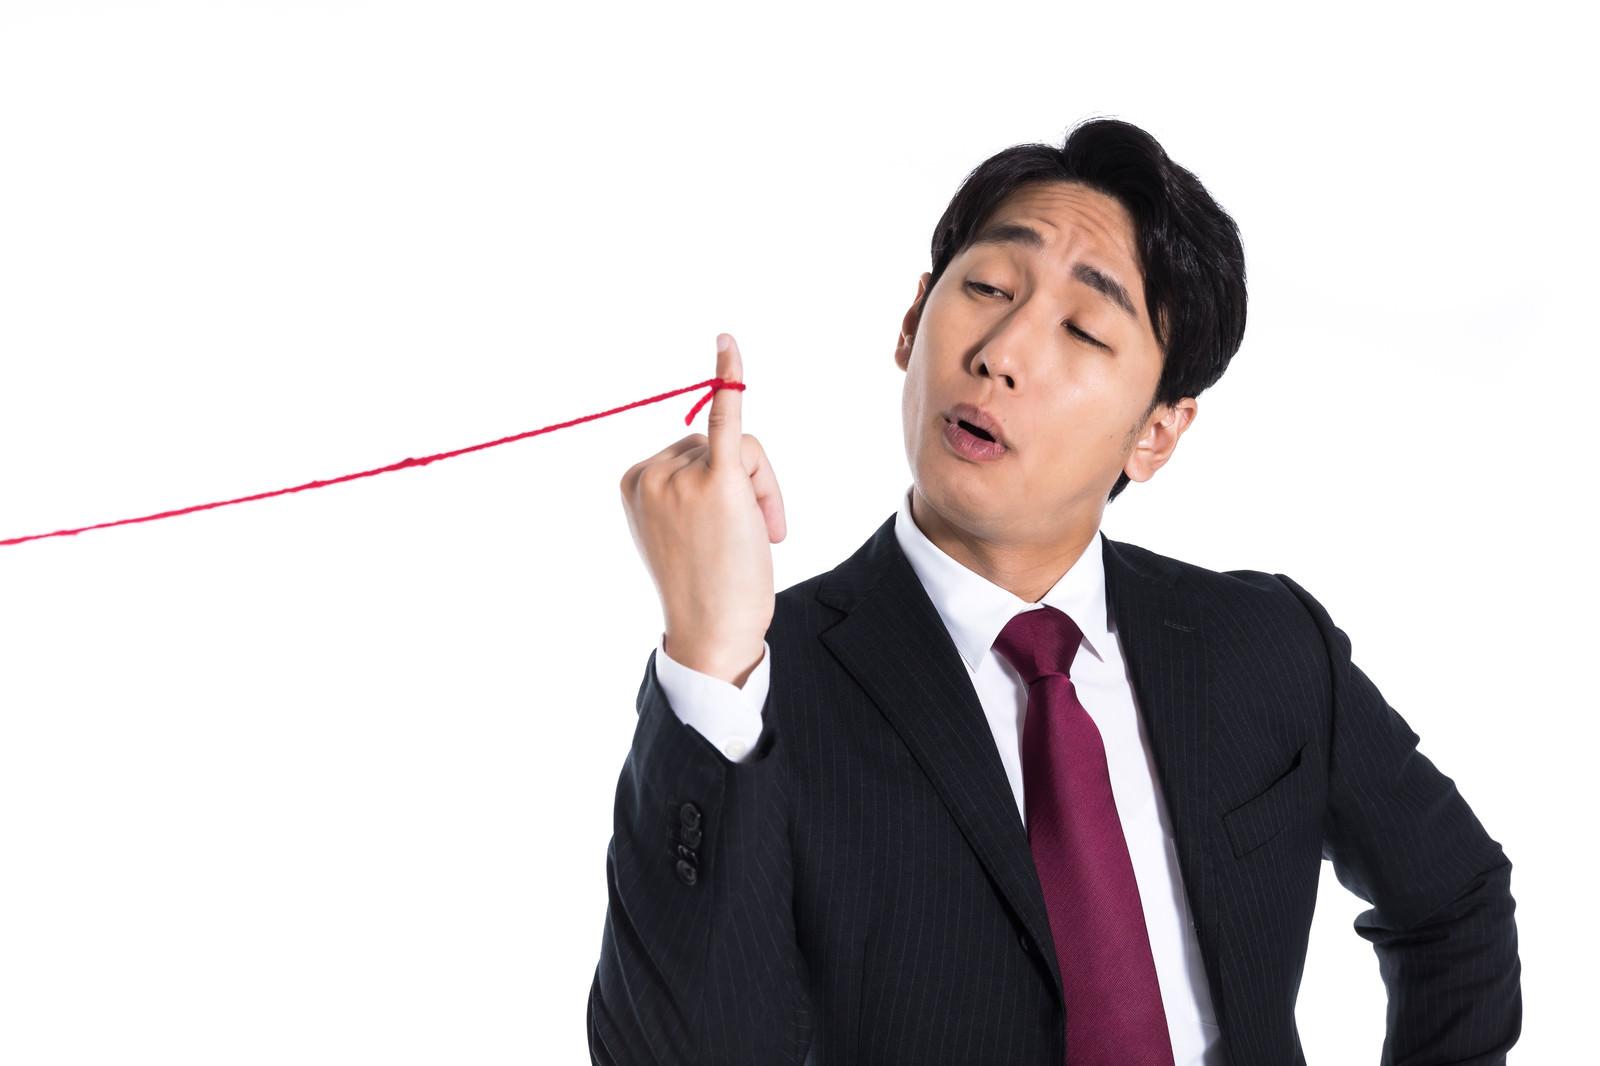 「小指に赤い糸が結ばれている事に気が付く会社員」の写真[モデル:大川竜弥]